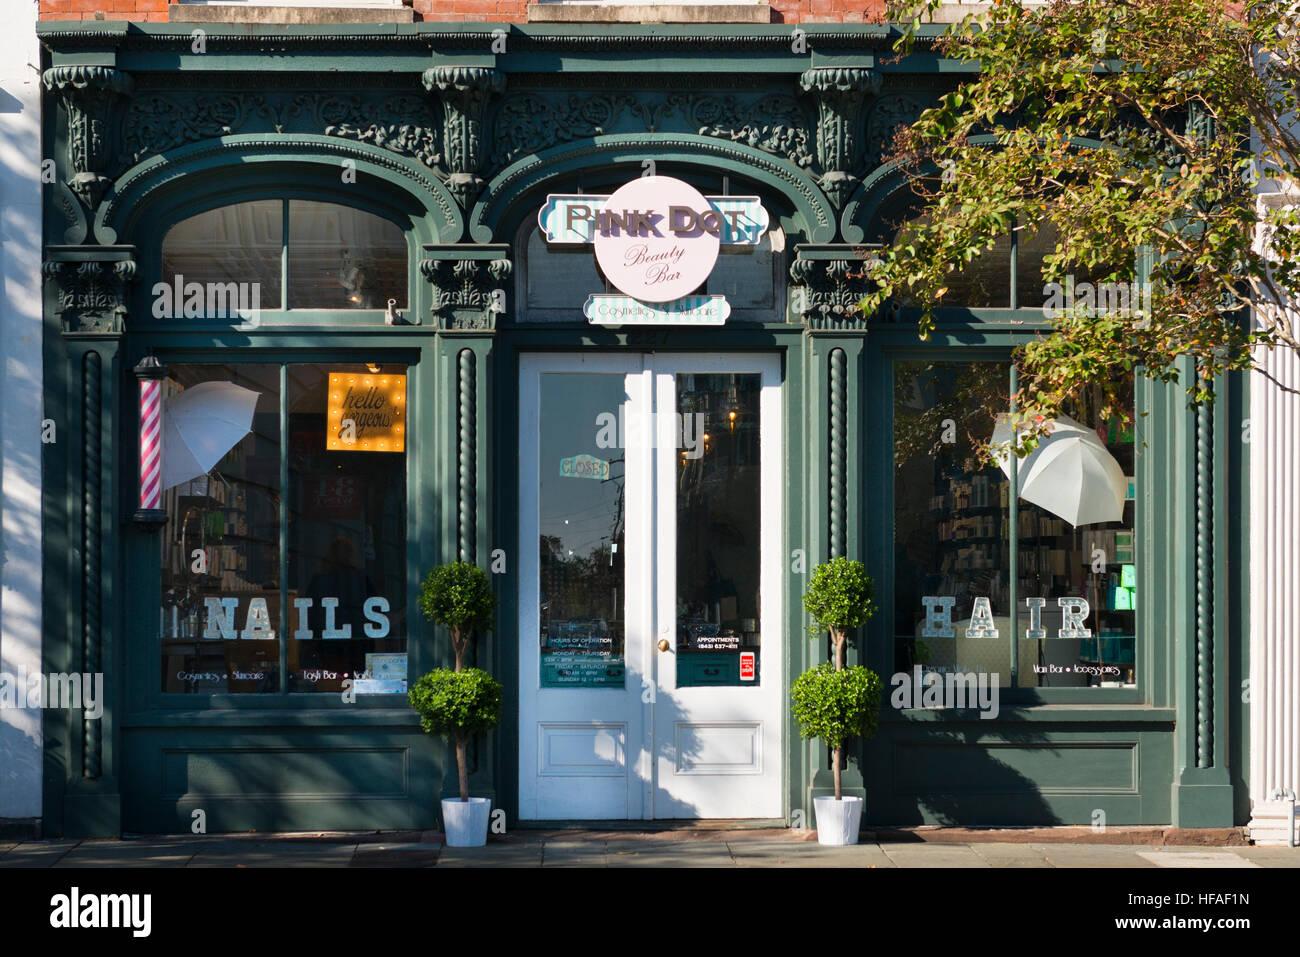 USA South Carolina Charleston Pink Dot Beauty Bar parlor